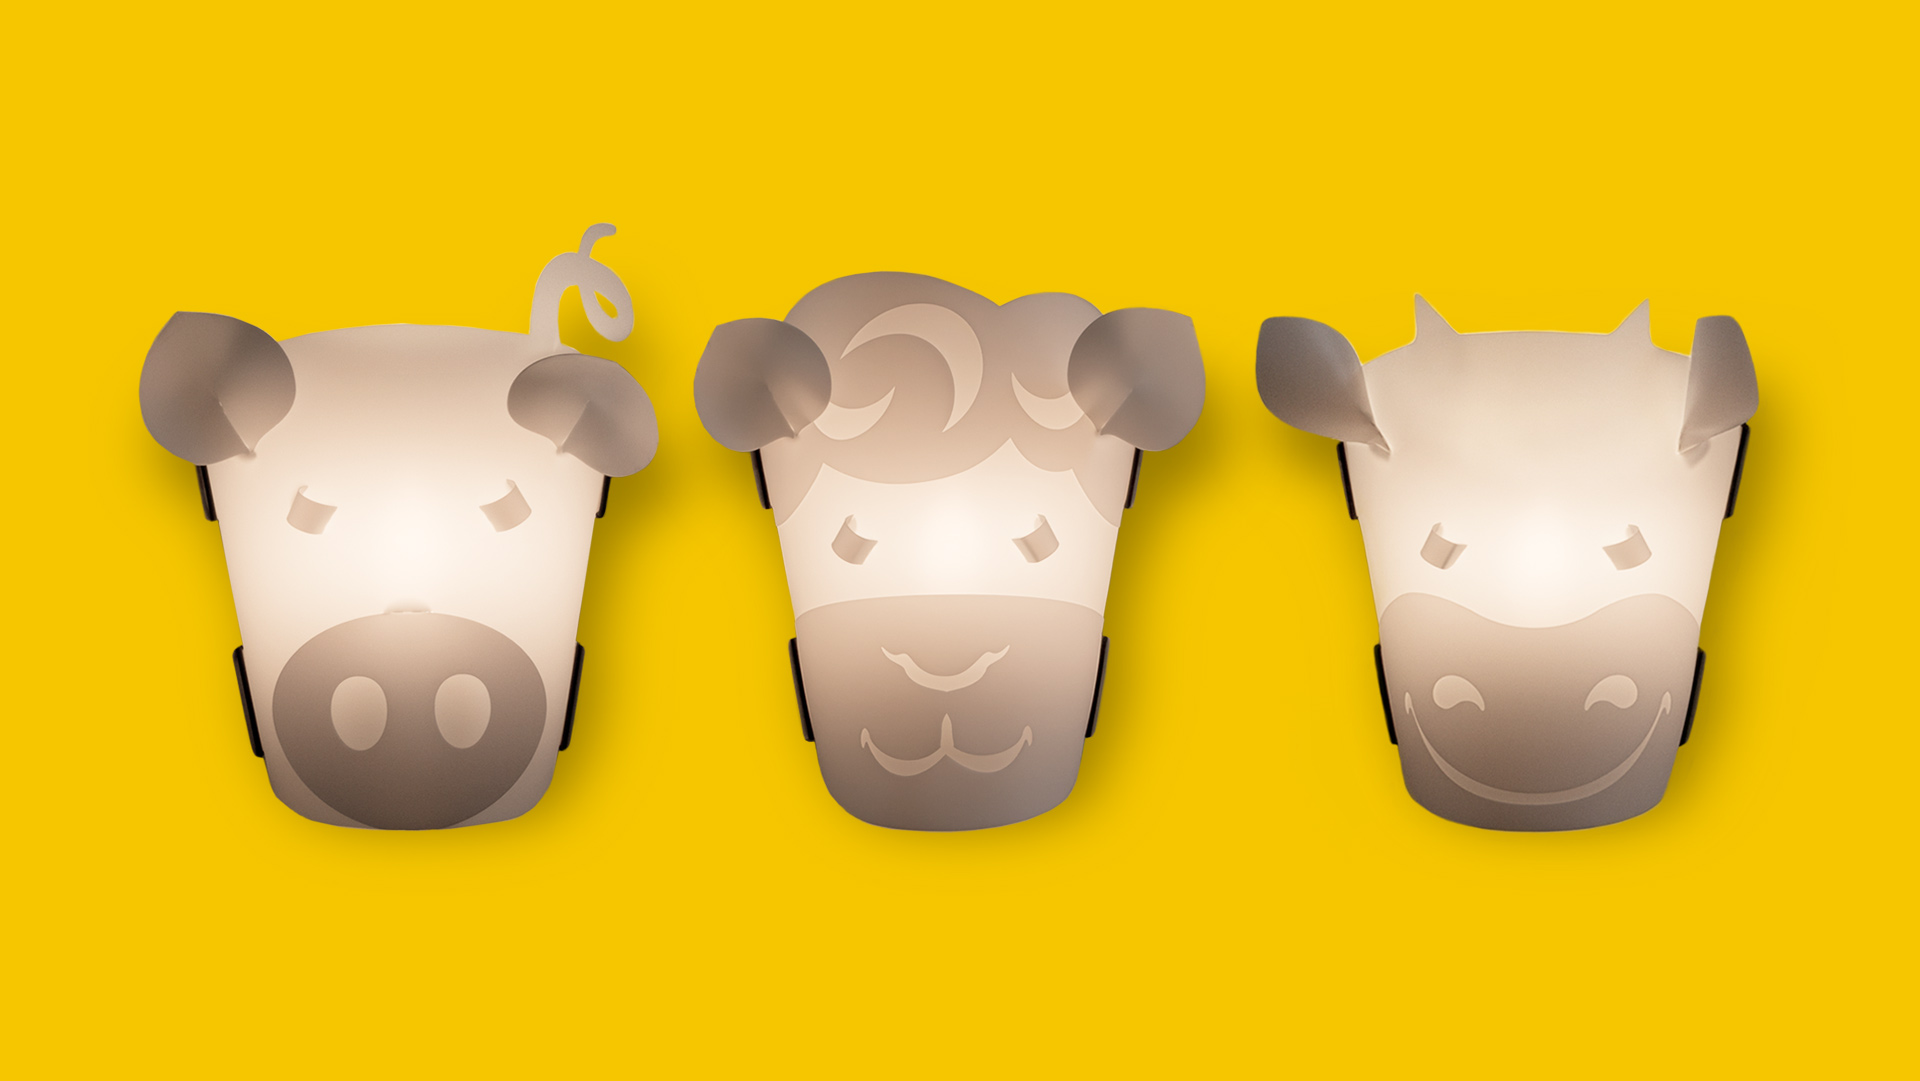 Lampen Tiermotive Schwein, Schaf und Kuh der bei Werkhaus vertriebenen Lampenserie